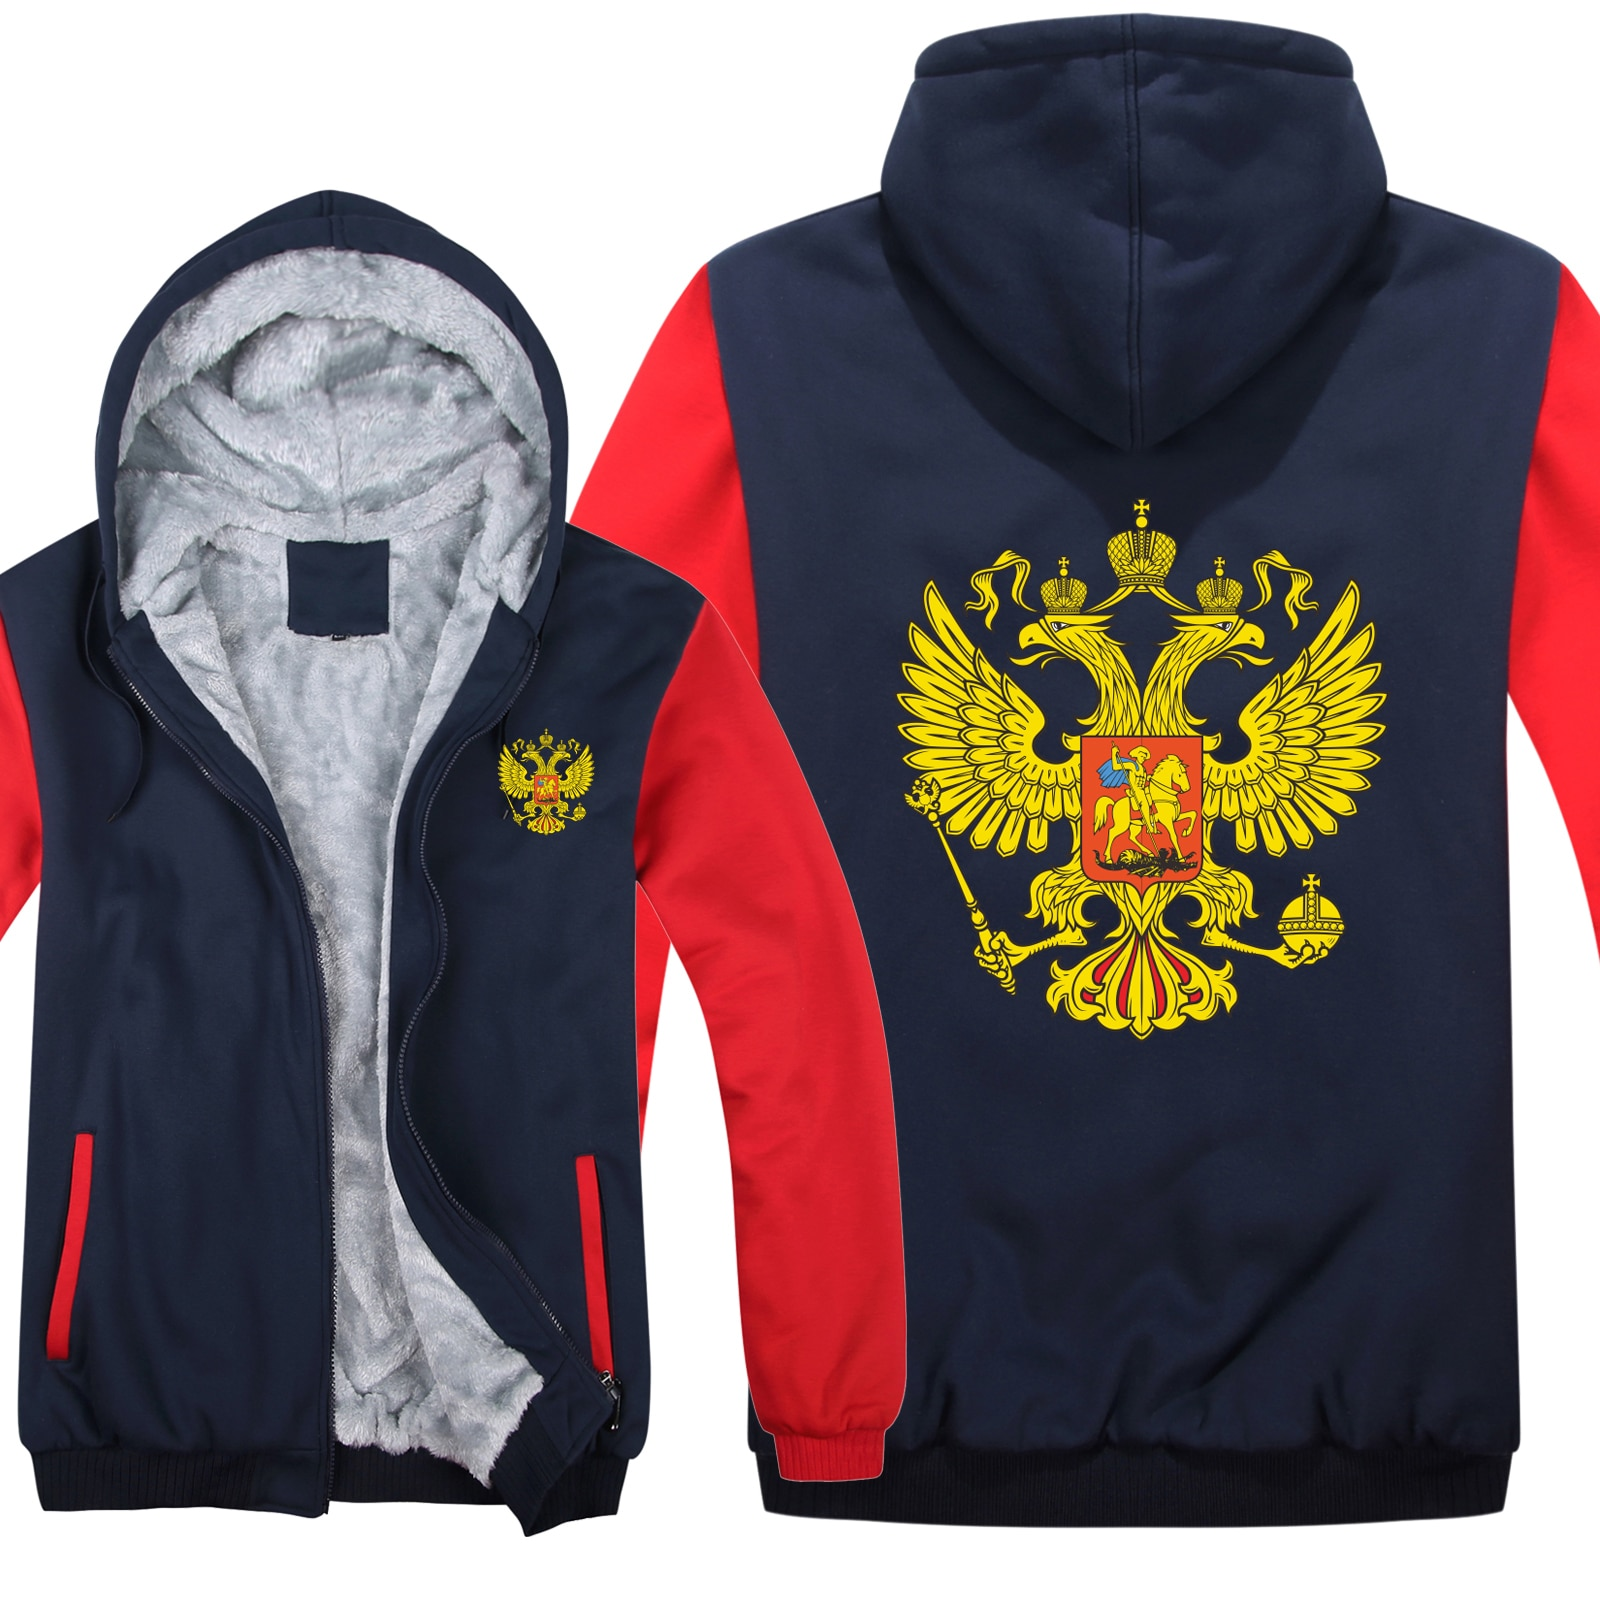 Russia Hoodies  Fleece Zipper Thicken Men Clothing Pullover Cool Russian Flag Sweatshirt Men